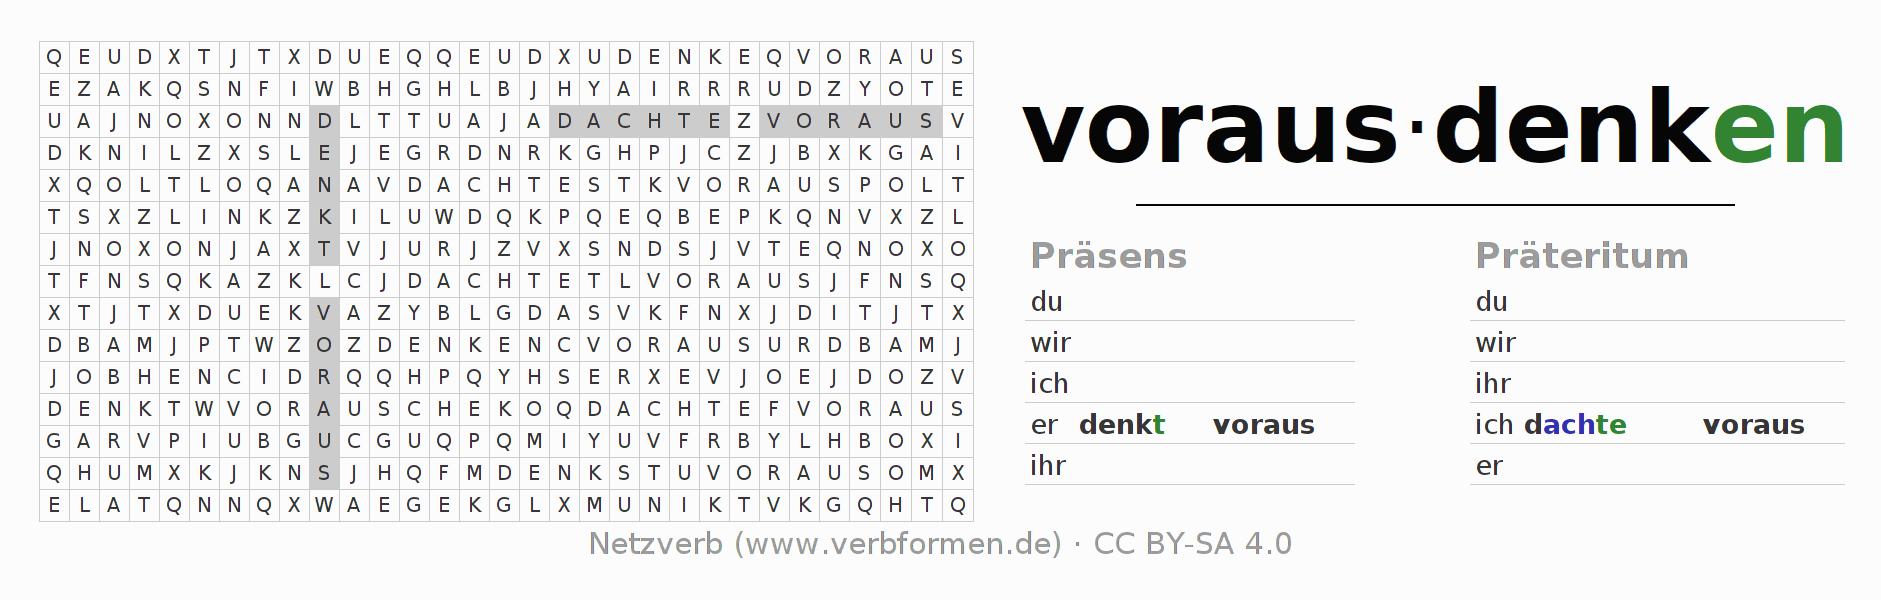 Arbeitsblätter | Verb vorausdenken | Übungen zur Konjugation ...